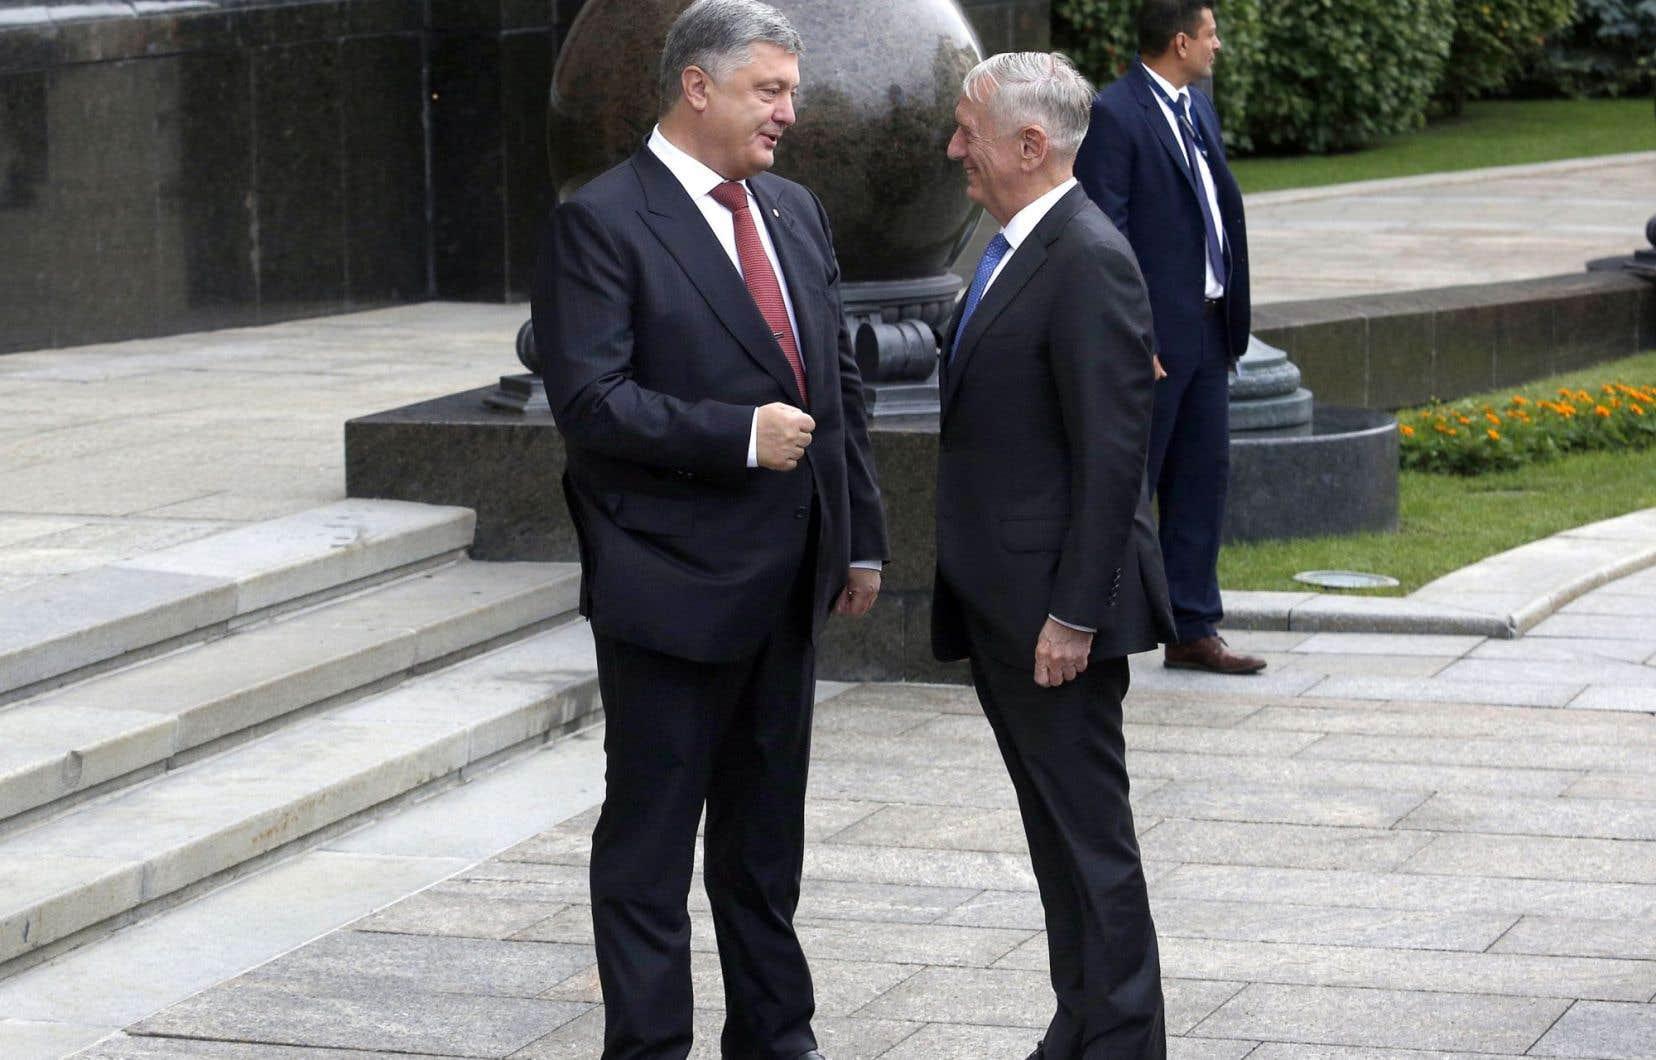 Le président ukrainien, Petro Poroshenko, avec le secrétaire américain à la Défense, Jim Mattis